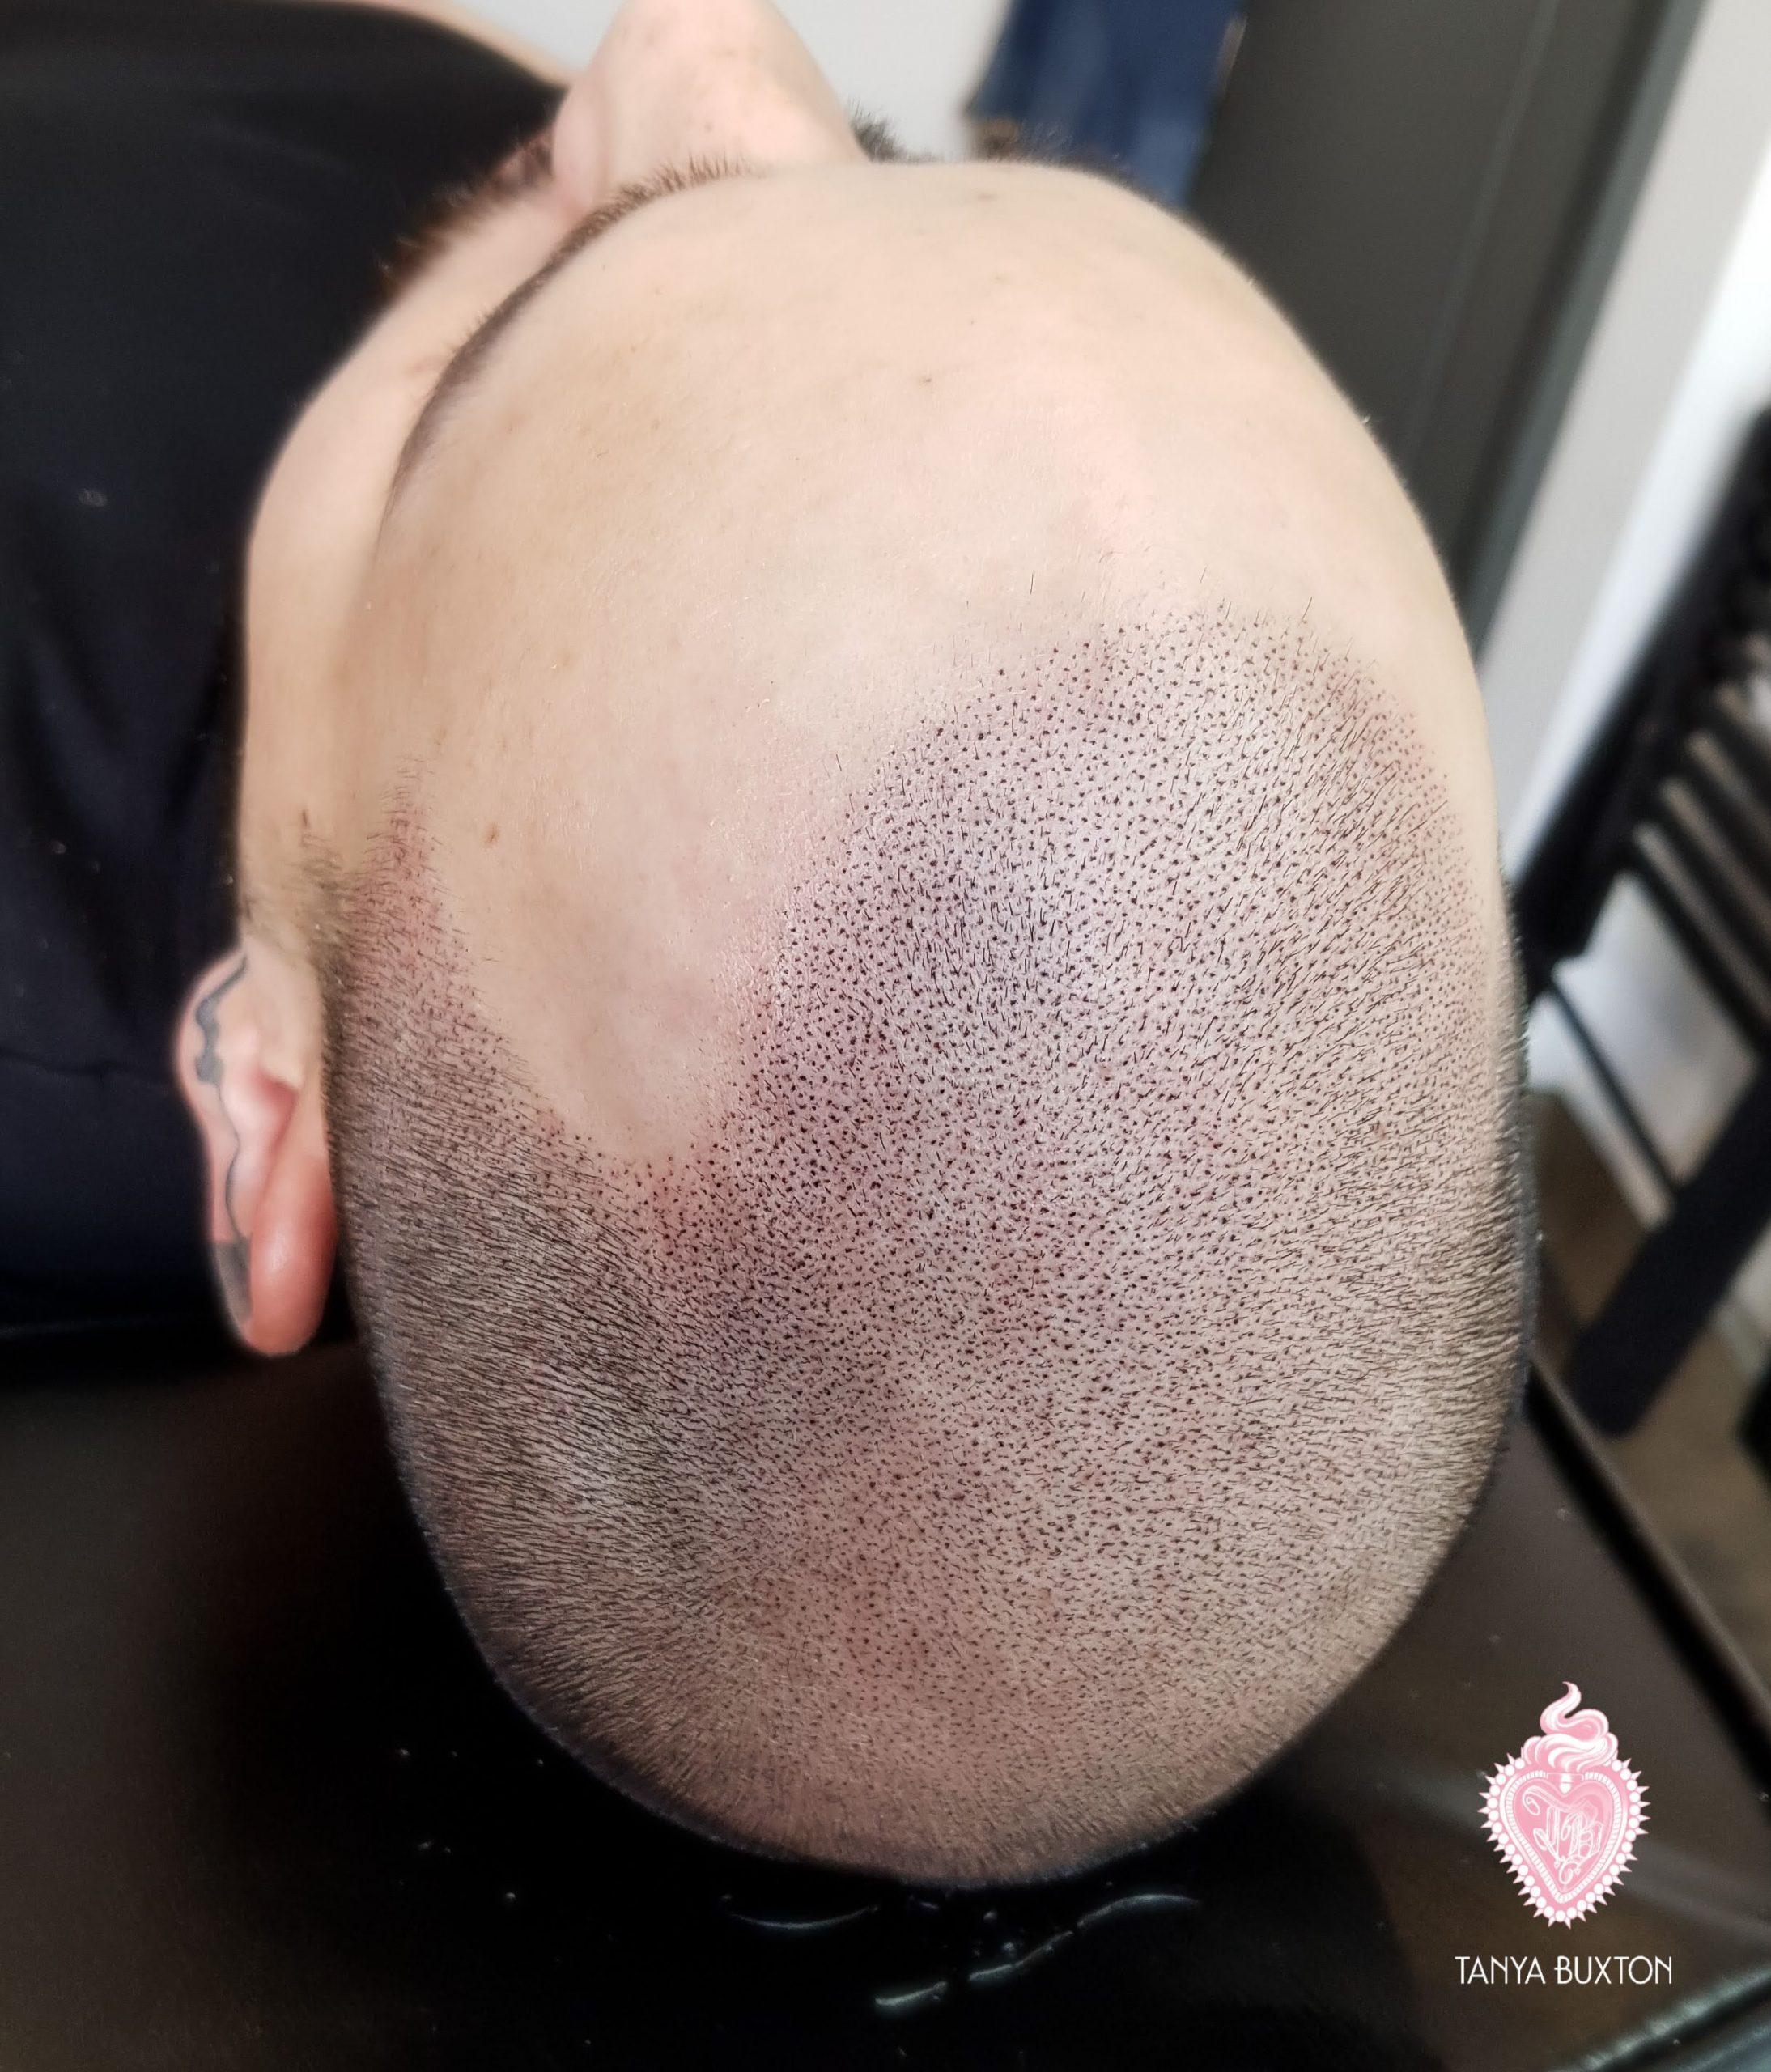 Scalp Tattoo, Male pattern baldness